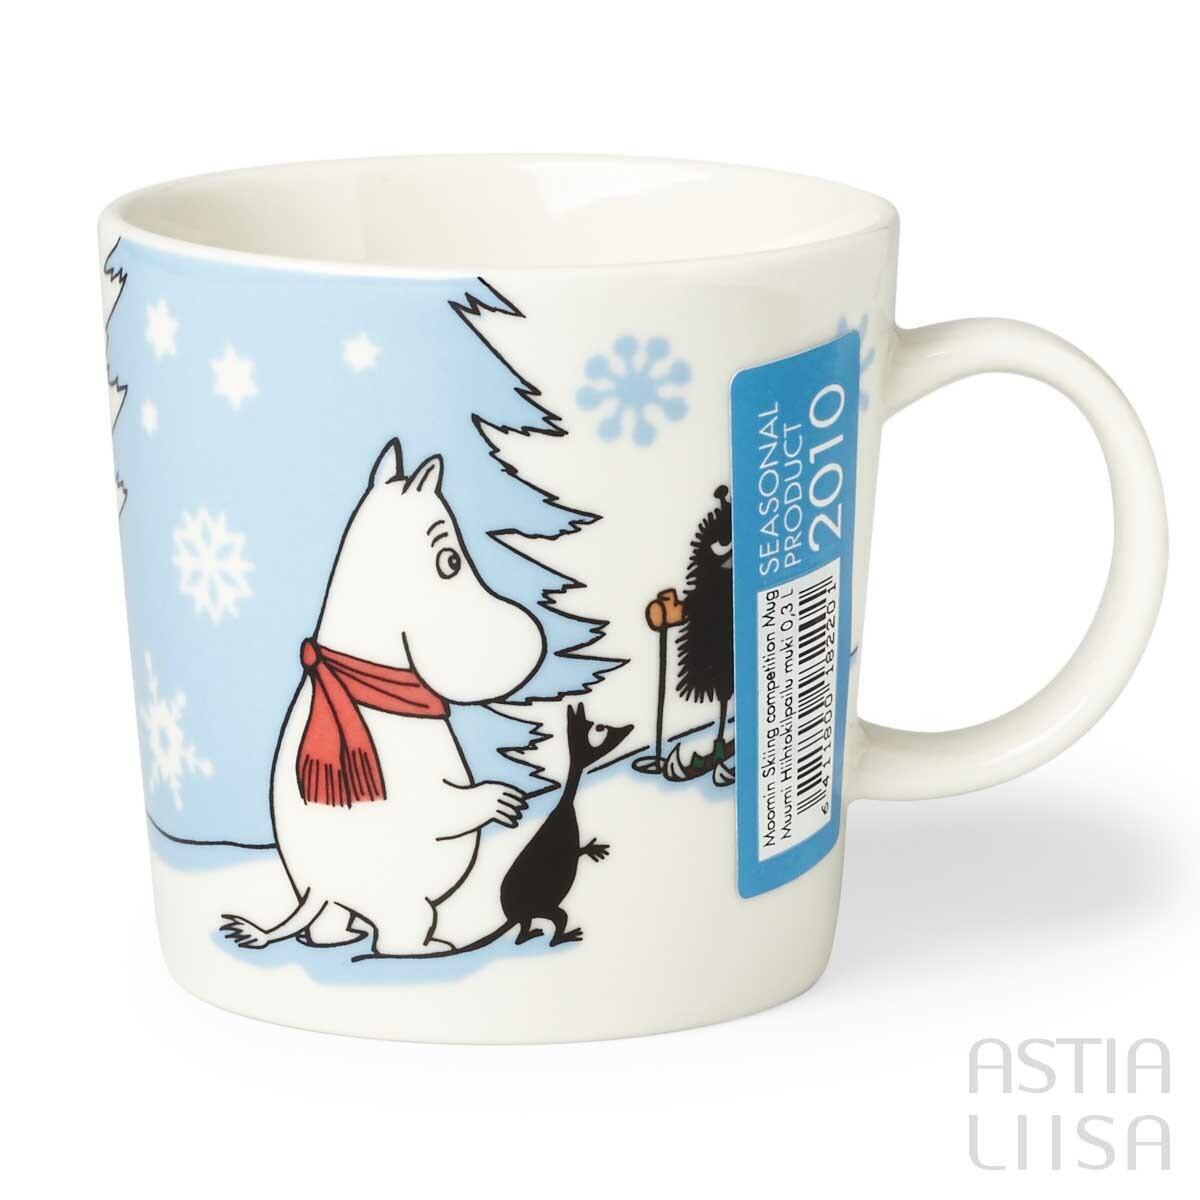 """Moomin Under The Christmas Tree Bowl 6/"""" Arabia Iittala Finland 2013 NEW"""